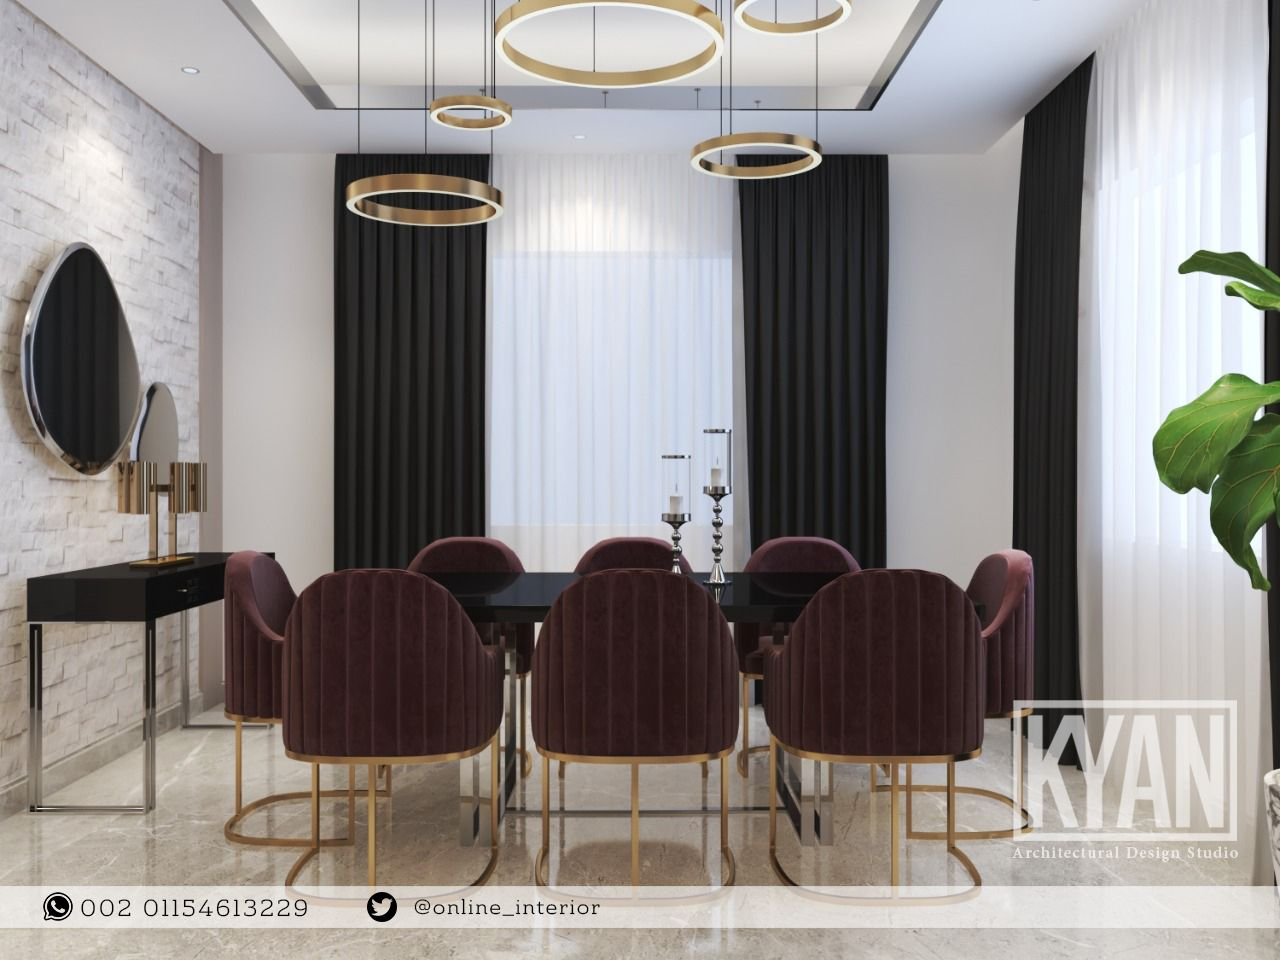 من أعمالنا تصميم مجلس رجال ملحق بها سفرة طعام التصميم والتنفيذ 00201154613229 تصميم مج Interior Architecture Design Interior Design Interior Architecture